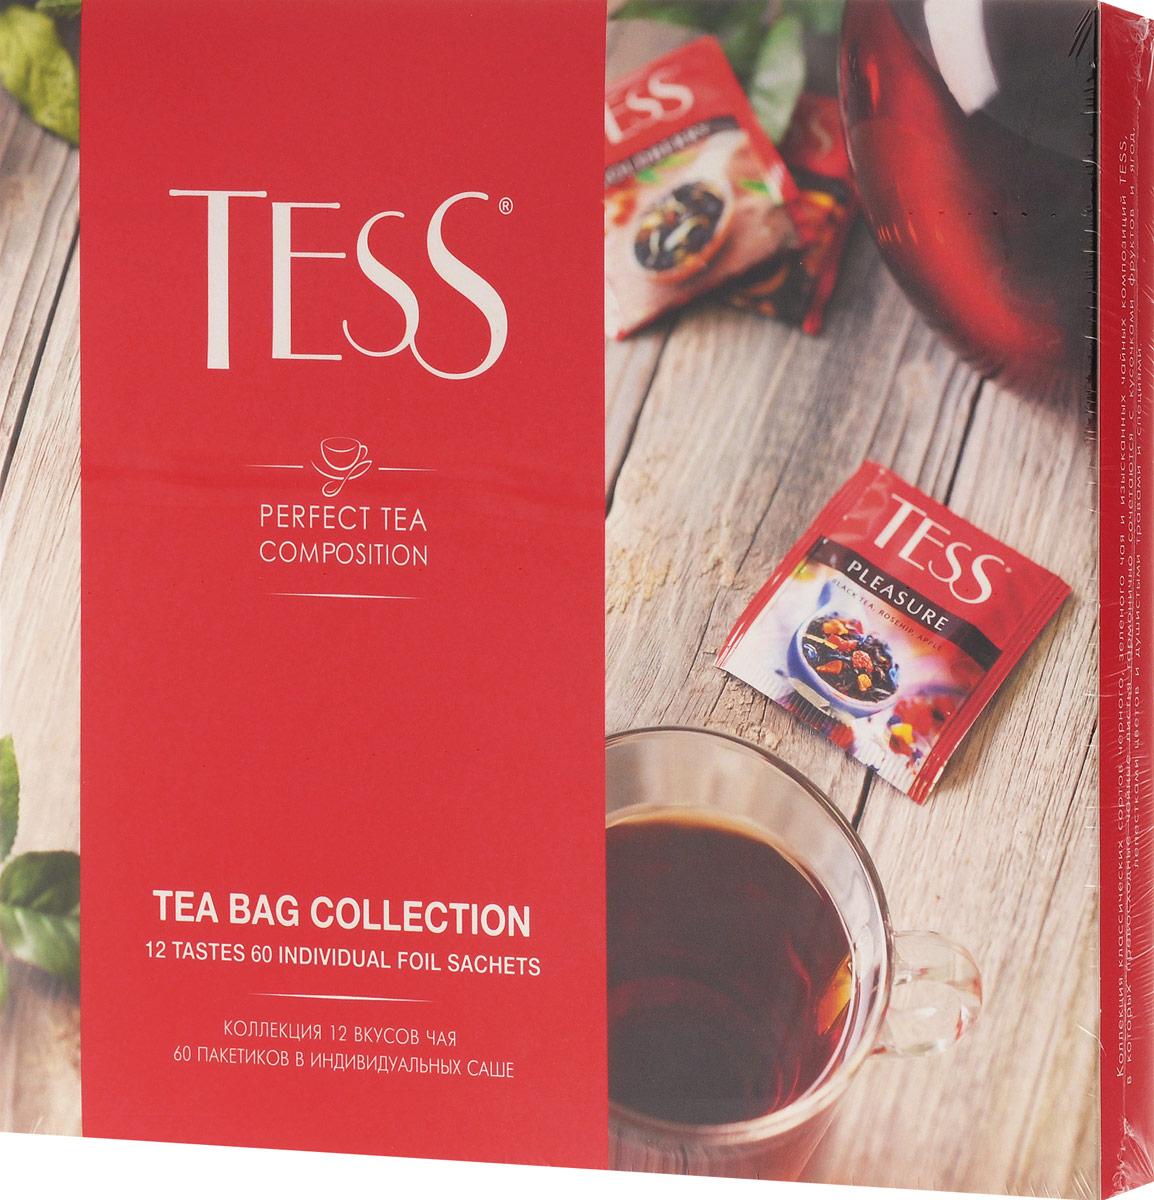 Tess Коллекция чая и чайных напитков в пакетиках, 60 шт1175-12В коллекции пакетированного чая Tess вы найдете все многообразие классических сортов черного и зеленого чая и изысканные чайные композиции, в которых высококачественные чайные листья гармонично сочетаются с натуральными фруктами, ягодами, лепестками цветов и душистыми травами.